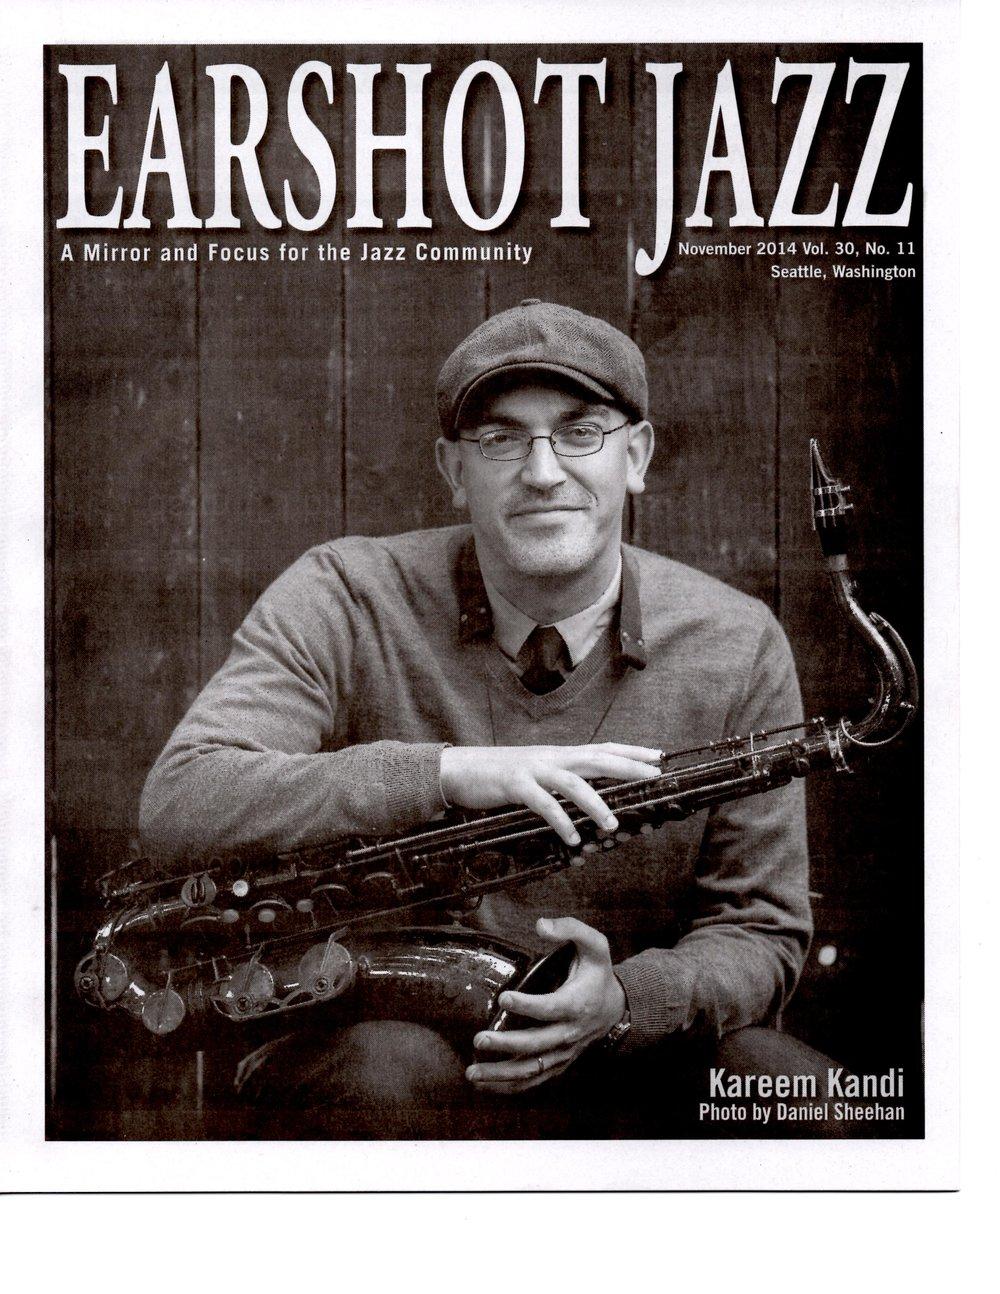 Earshot cover.jpg